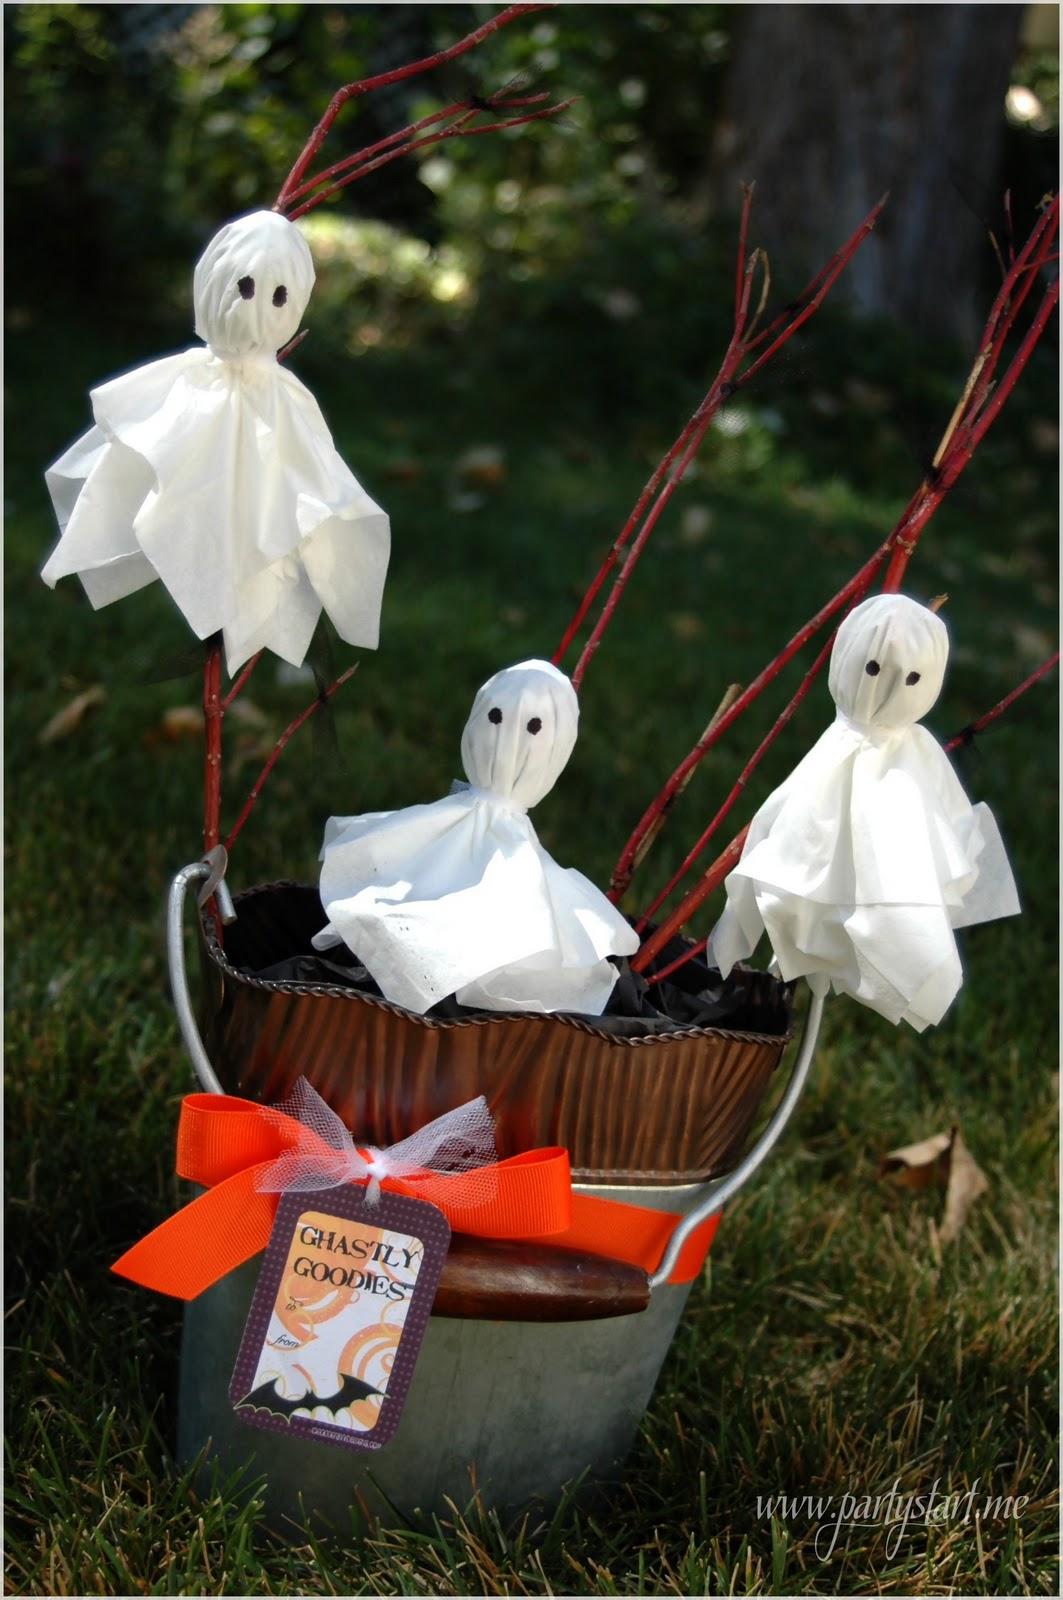 http://2.bp.blogspot.com/_lfAT2AeG1BQ/TKKnf9hC2wI/AAAAAAAAC5g/BAgdGUCcmWo/s1600/ghostlytree.JPG